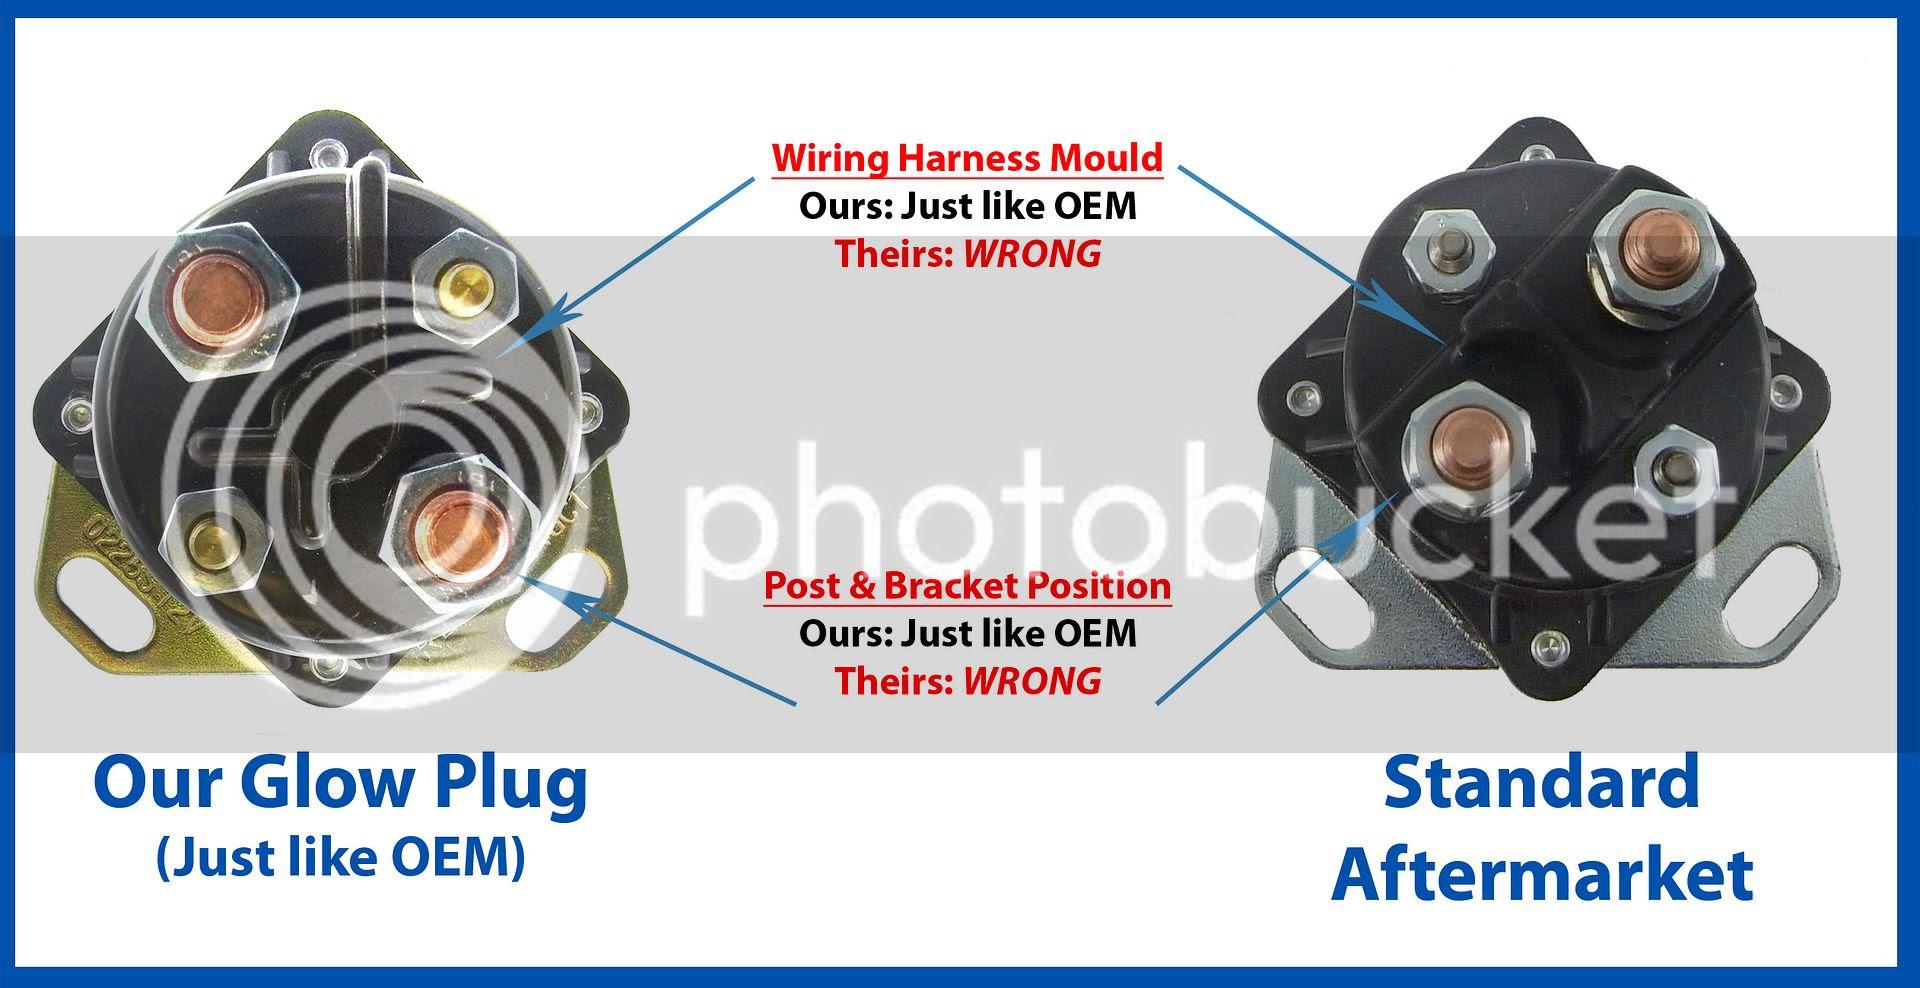 diesel glow plug wiring diagram 32 73 powerstroke glow plug relay wiring diagram wiring diagram list 6.2 diesel glow plug wiring diagram 32 73 powerstroke glow plug relay